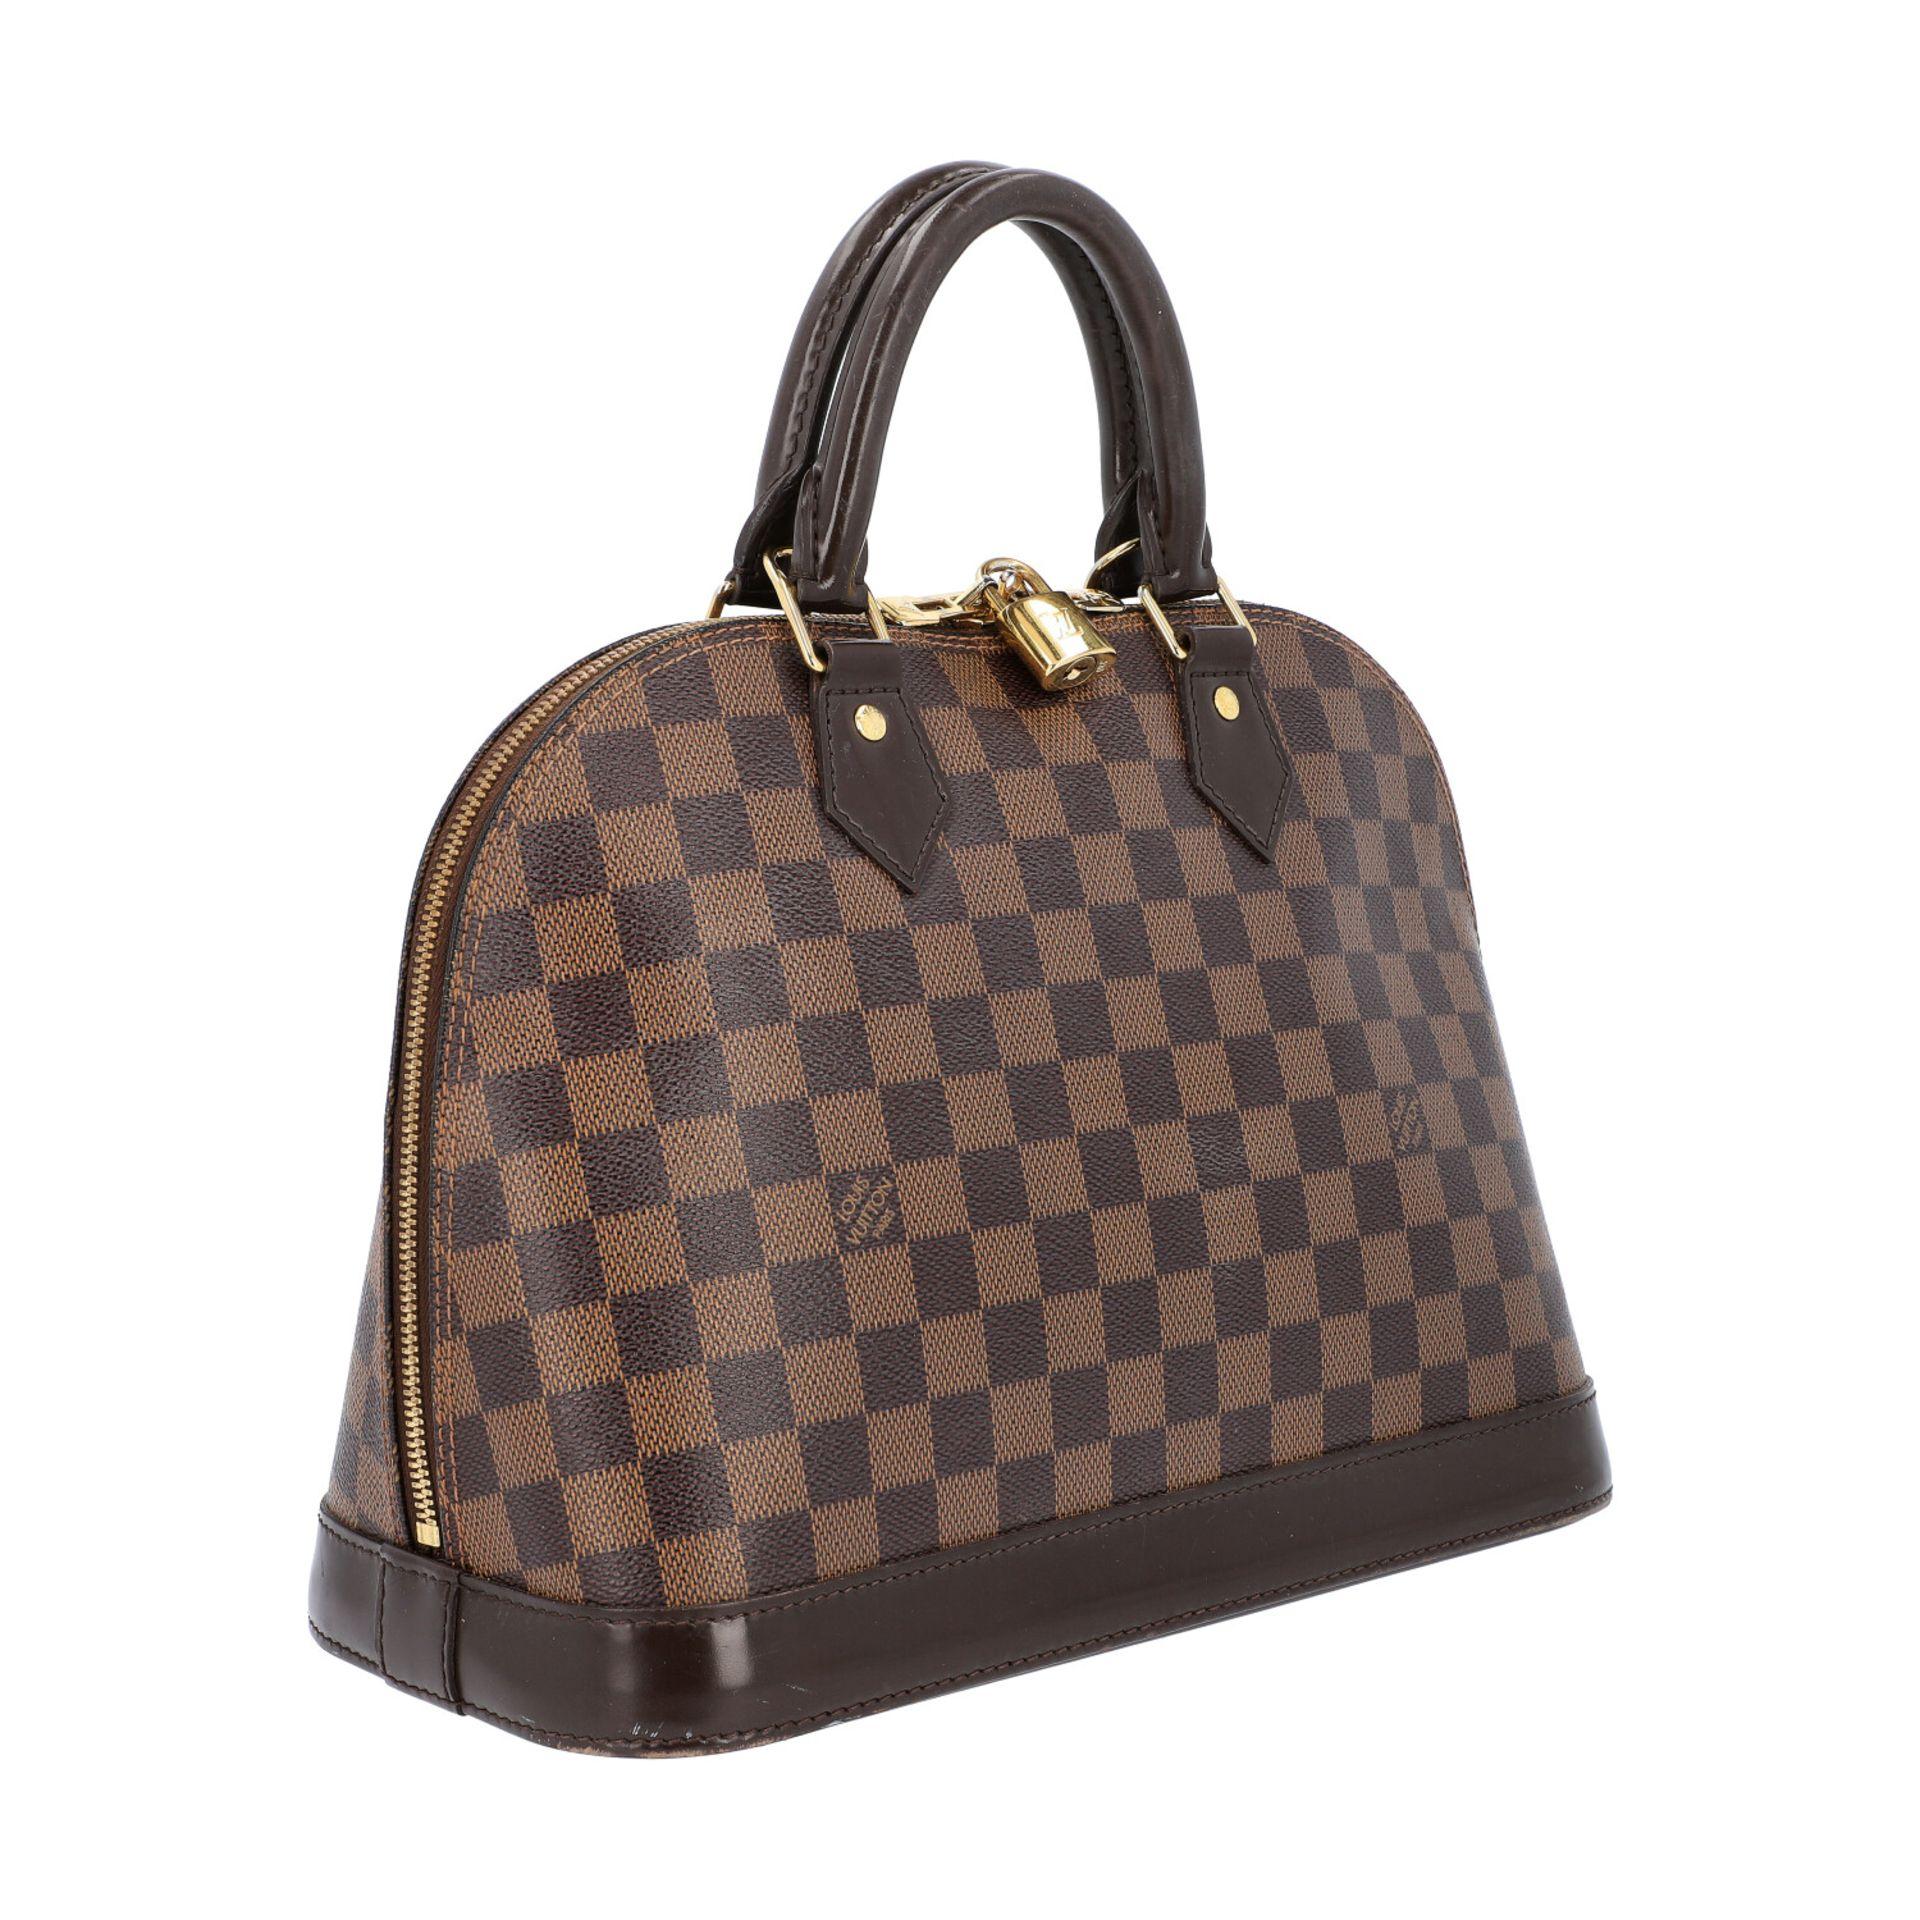 """LOUIS VUITTON Handtasche """"ALMA PM"""", Koll. 2010.Akt. NP.: 1.250,-€. Damier Ebene Serie mit - Bild 2 aus 8"""